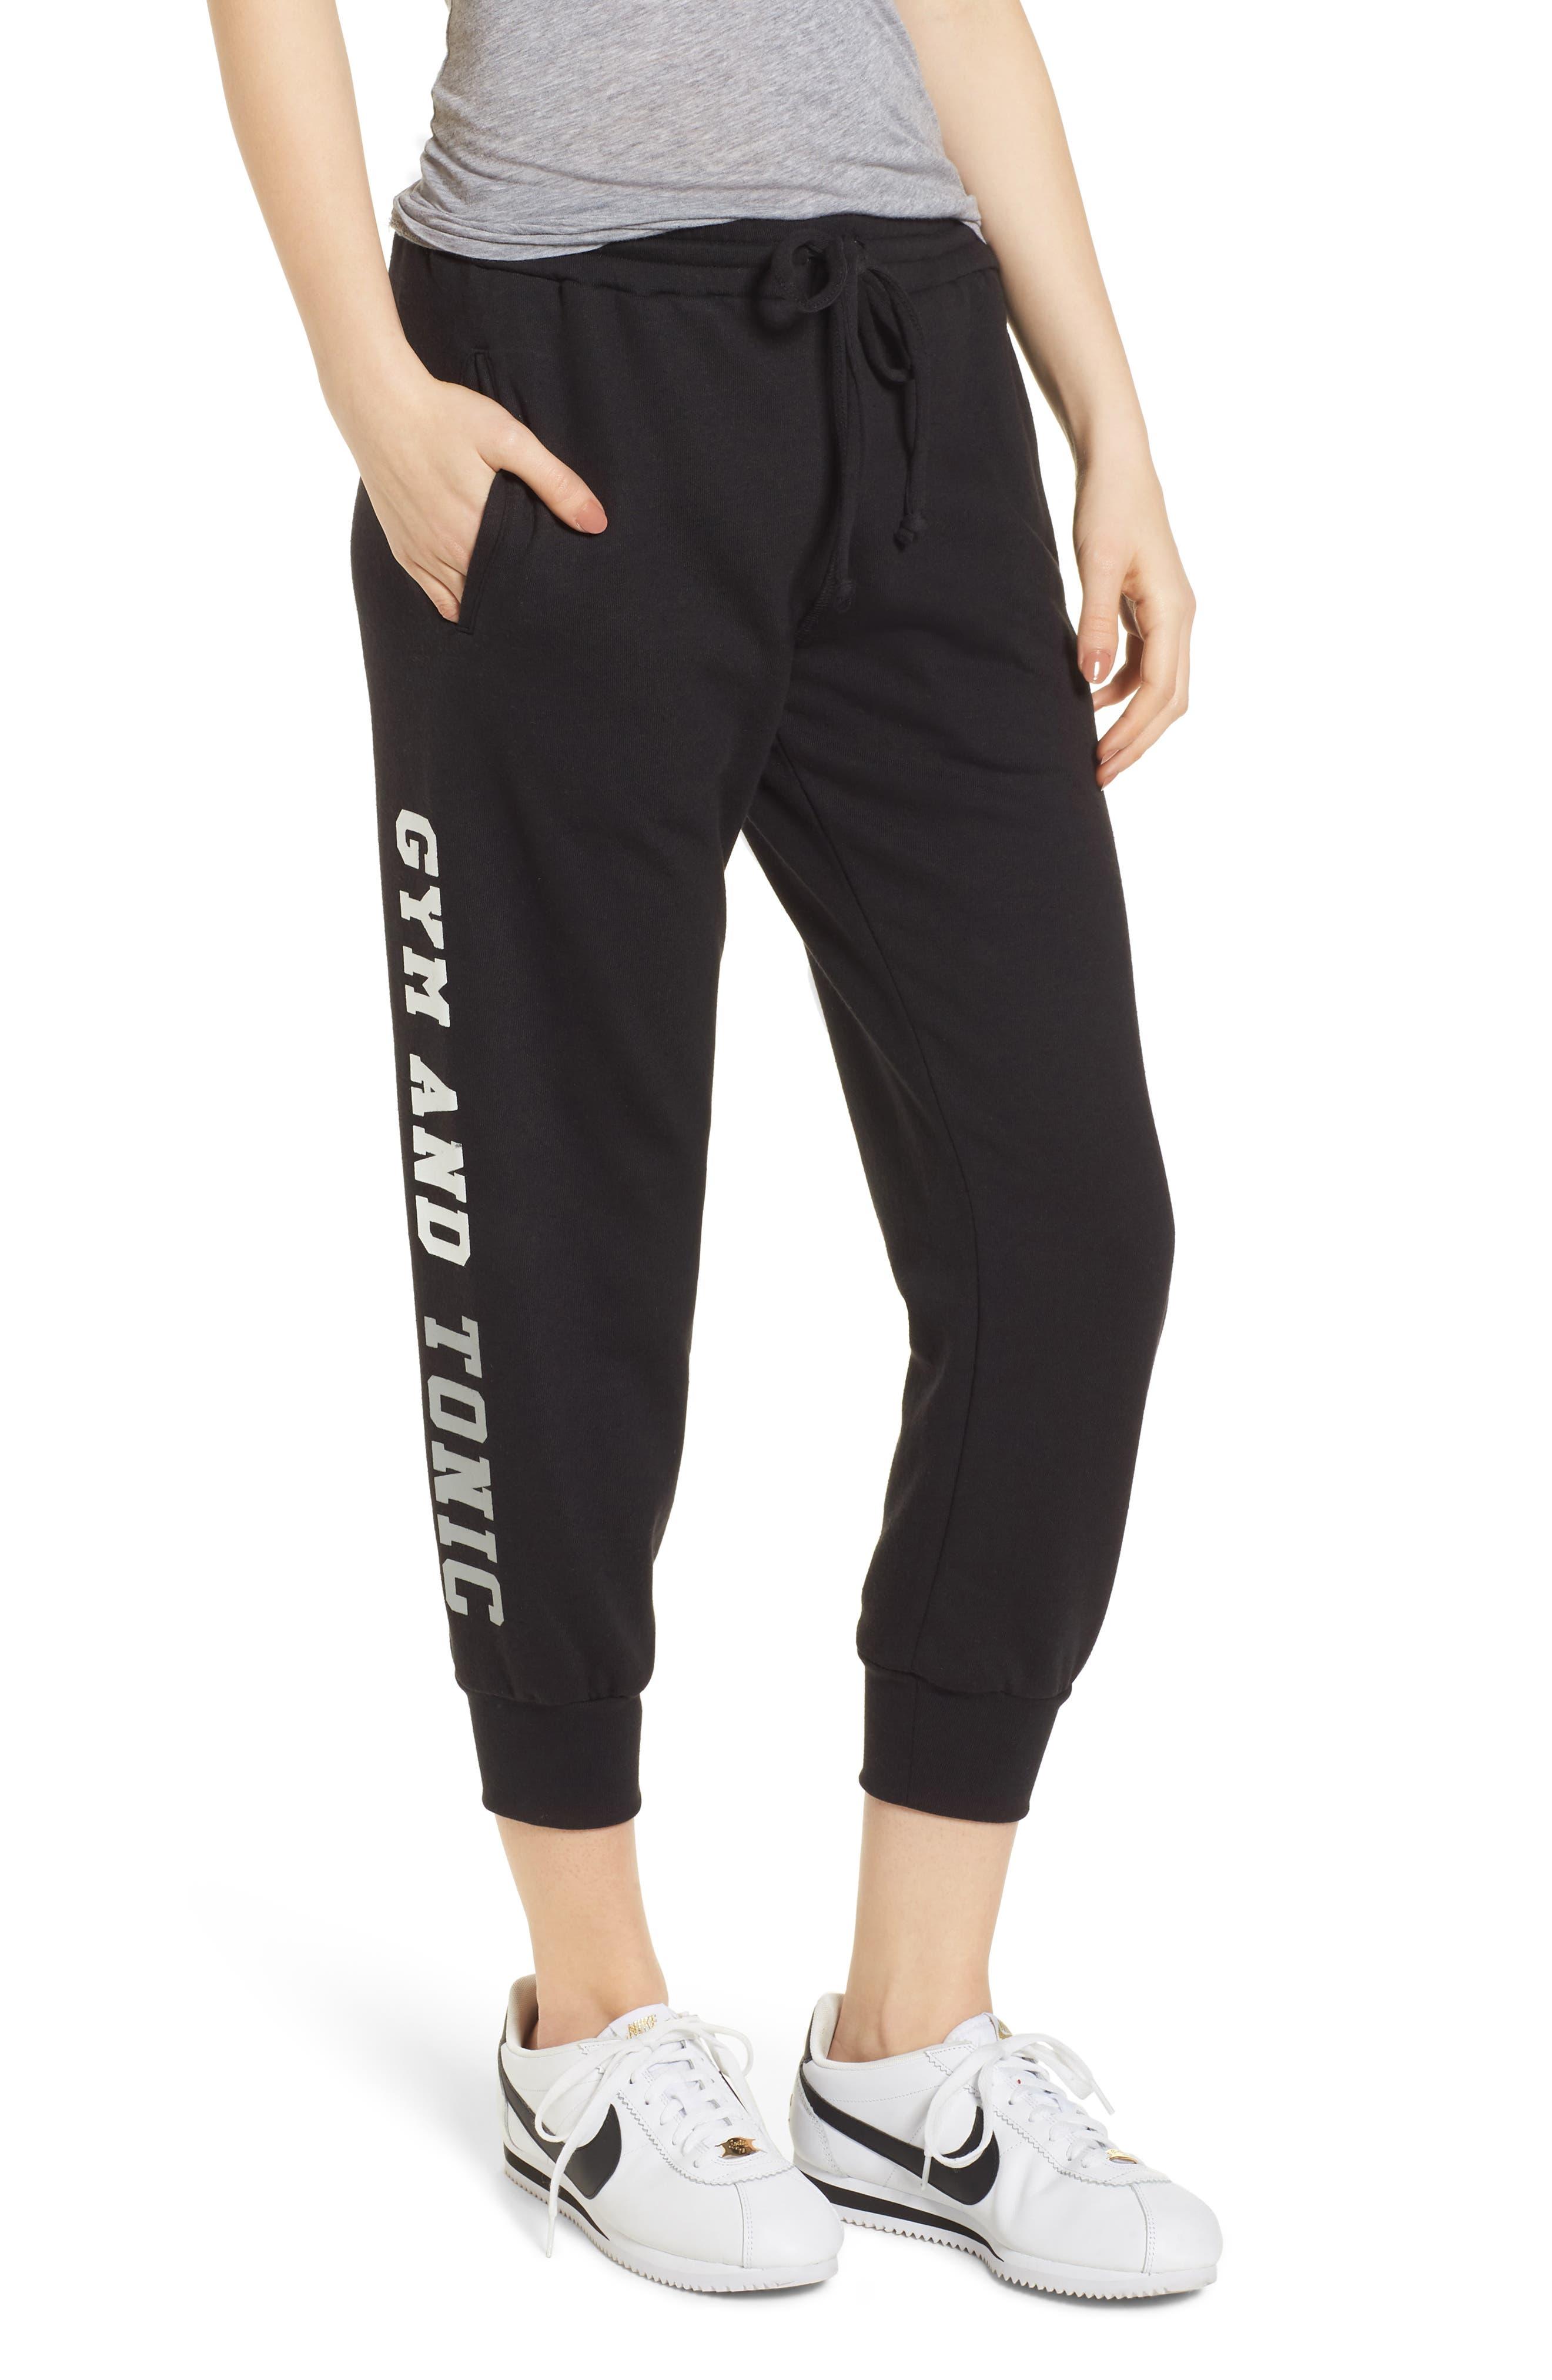 Gym & Tonic Crop Sweatpants,                             Main thumbnail 1, color,                             Black